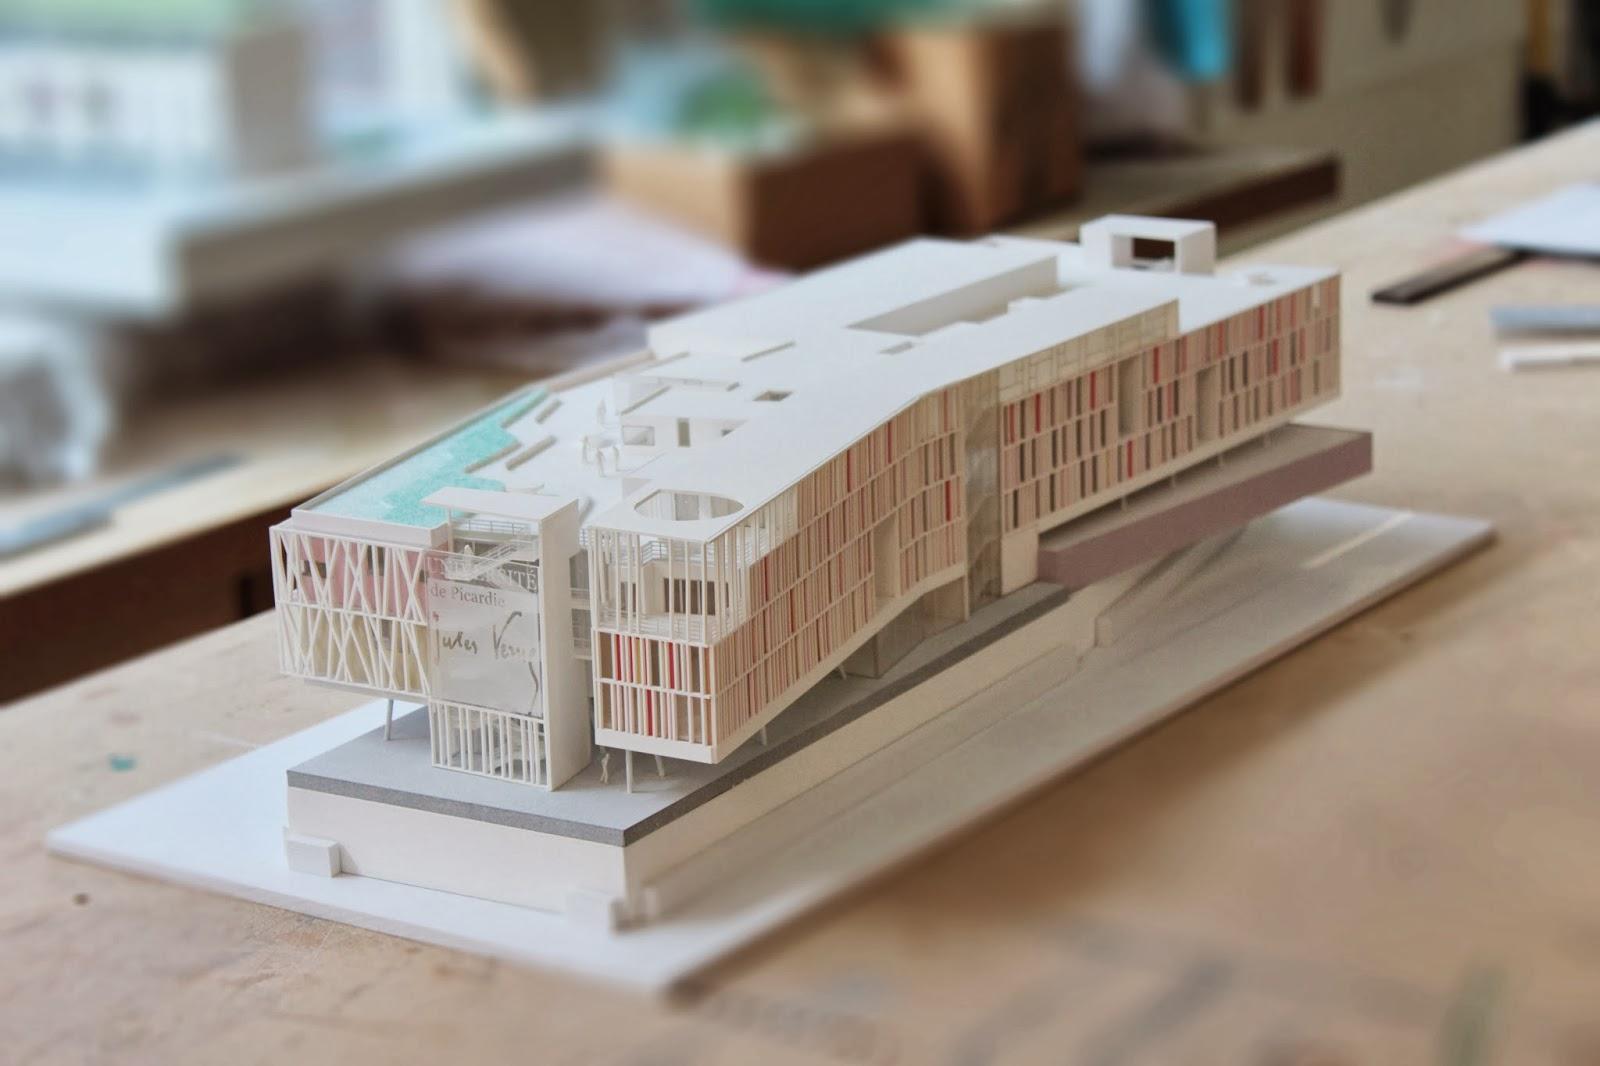 Atelier bem 76 Concours darchitecture